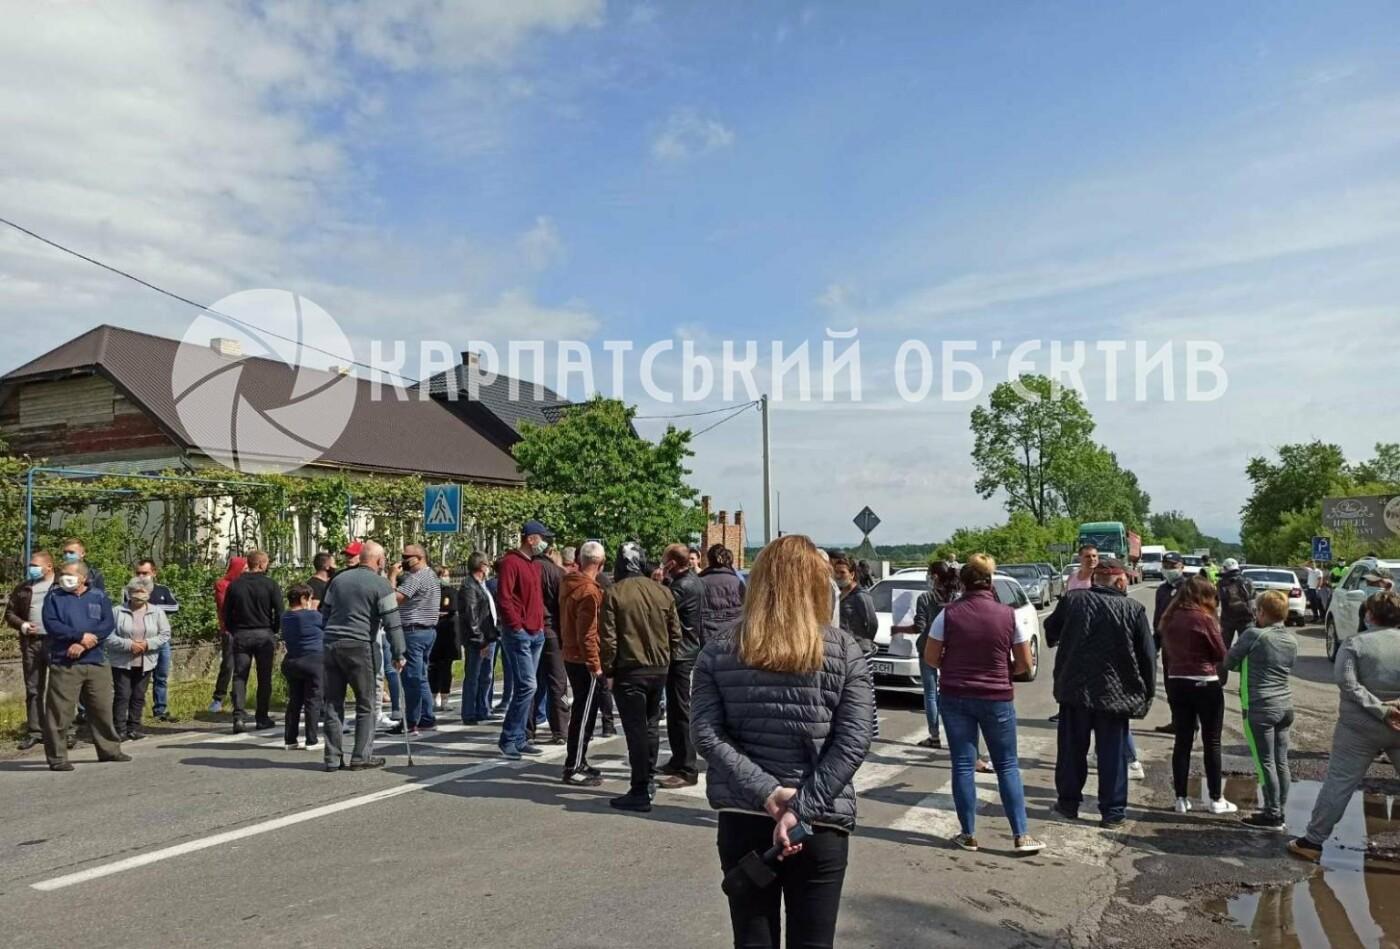 Закарпатці заблокували трасу державного значення Мукачево-Рогатин через об'єднання громади (ФОТО), фото-1